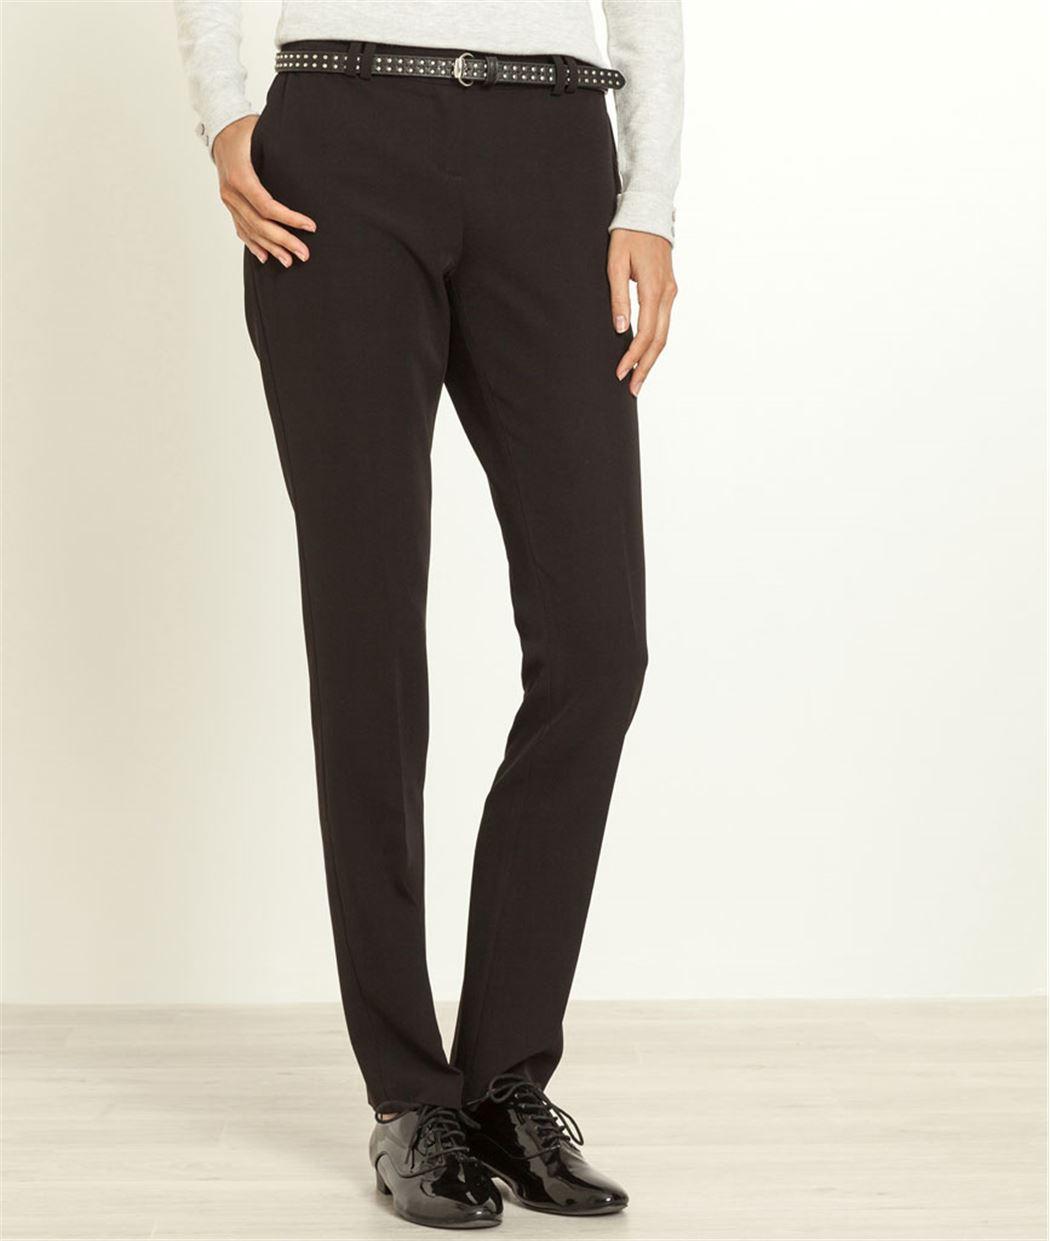 pantalon femme coupe droite noir grain de malice. Black Bedroom Furniture Sets. Home Design Ideas